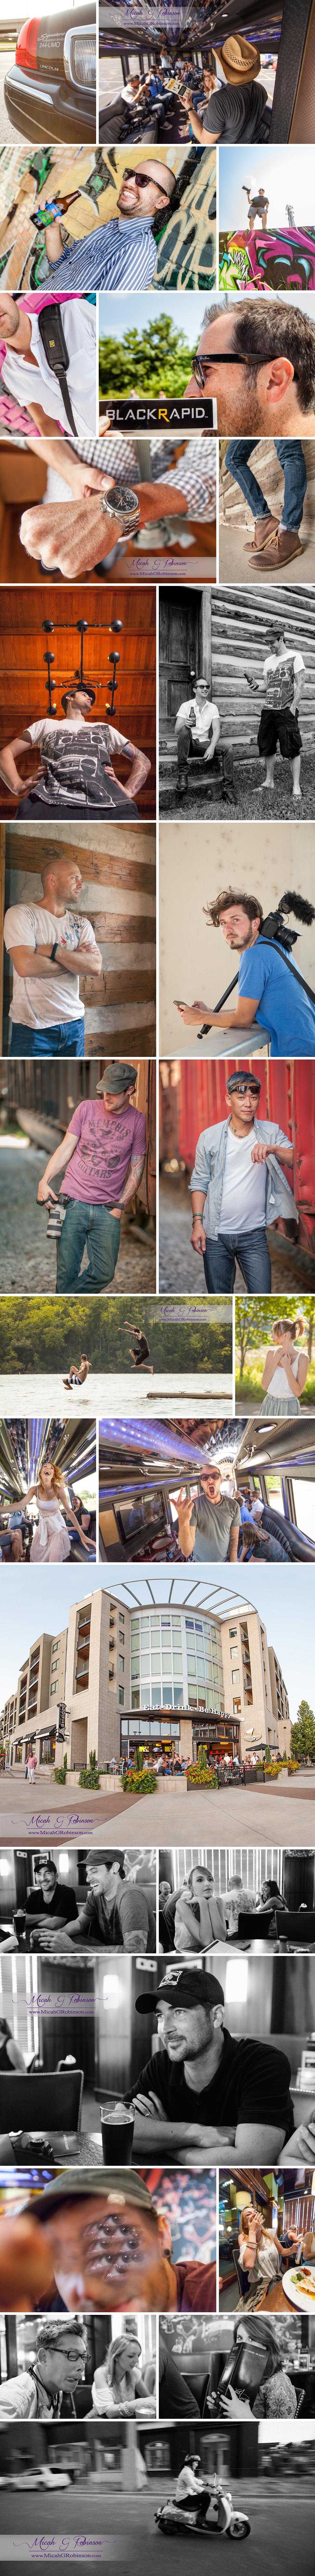 Tennessee photopalooza